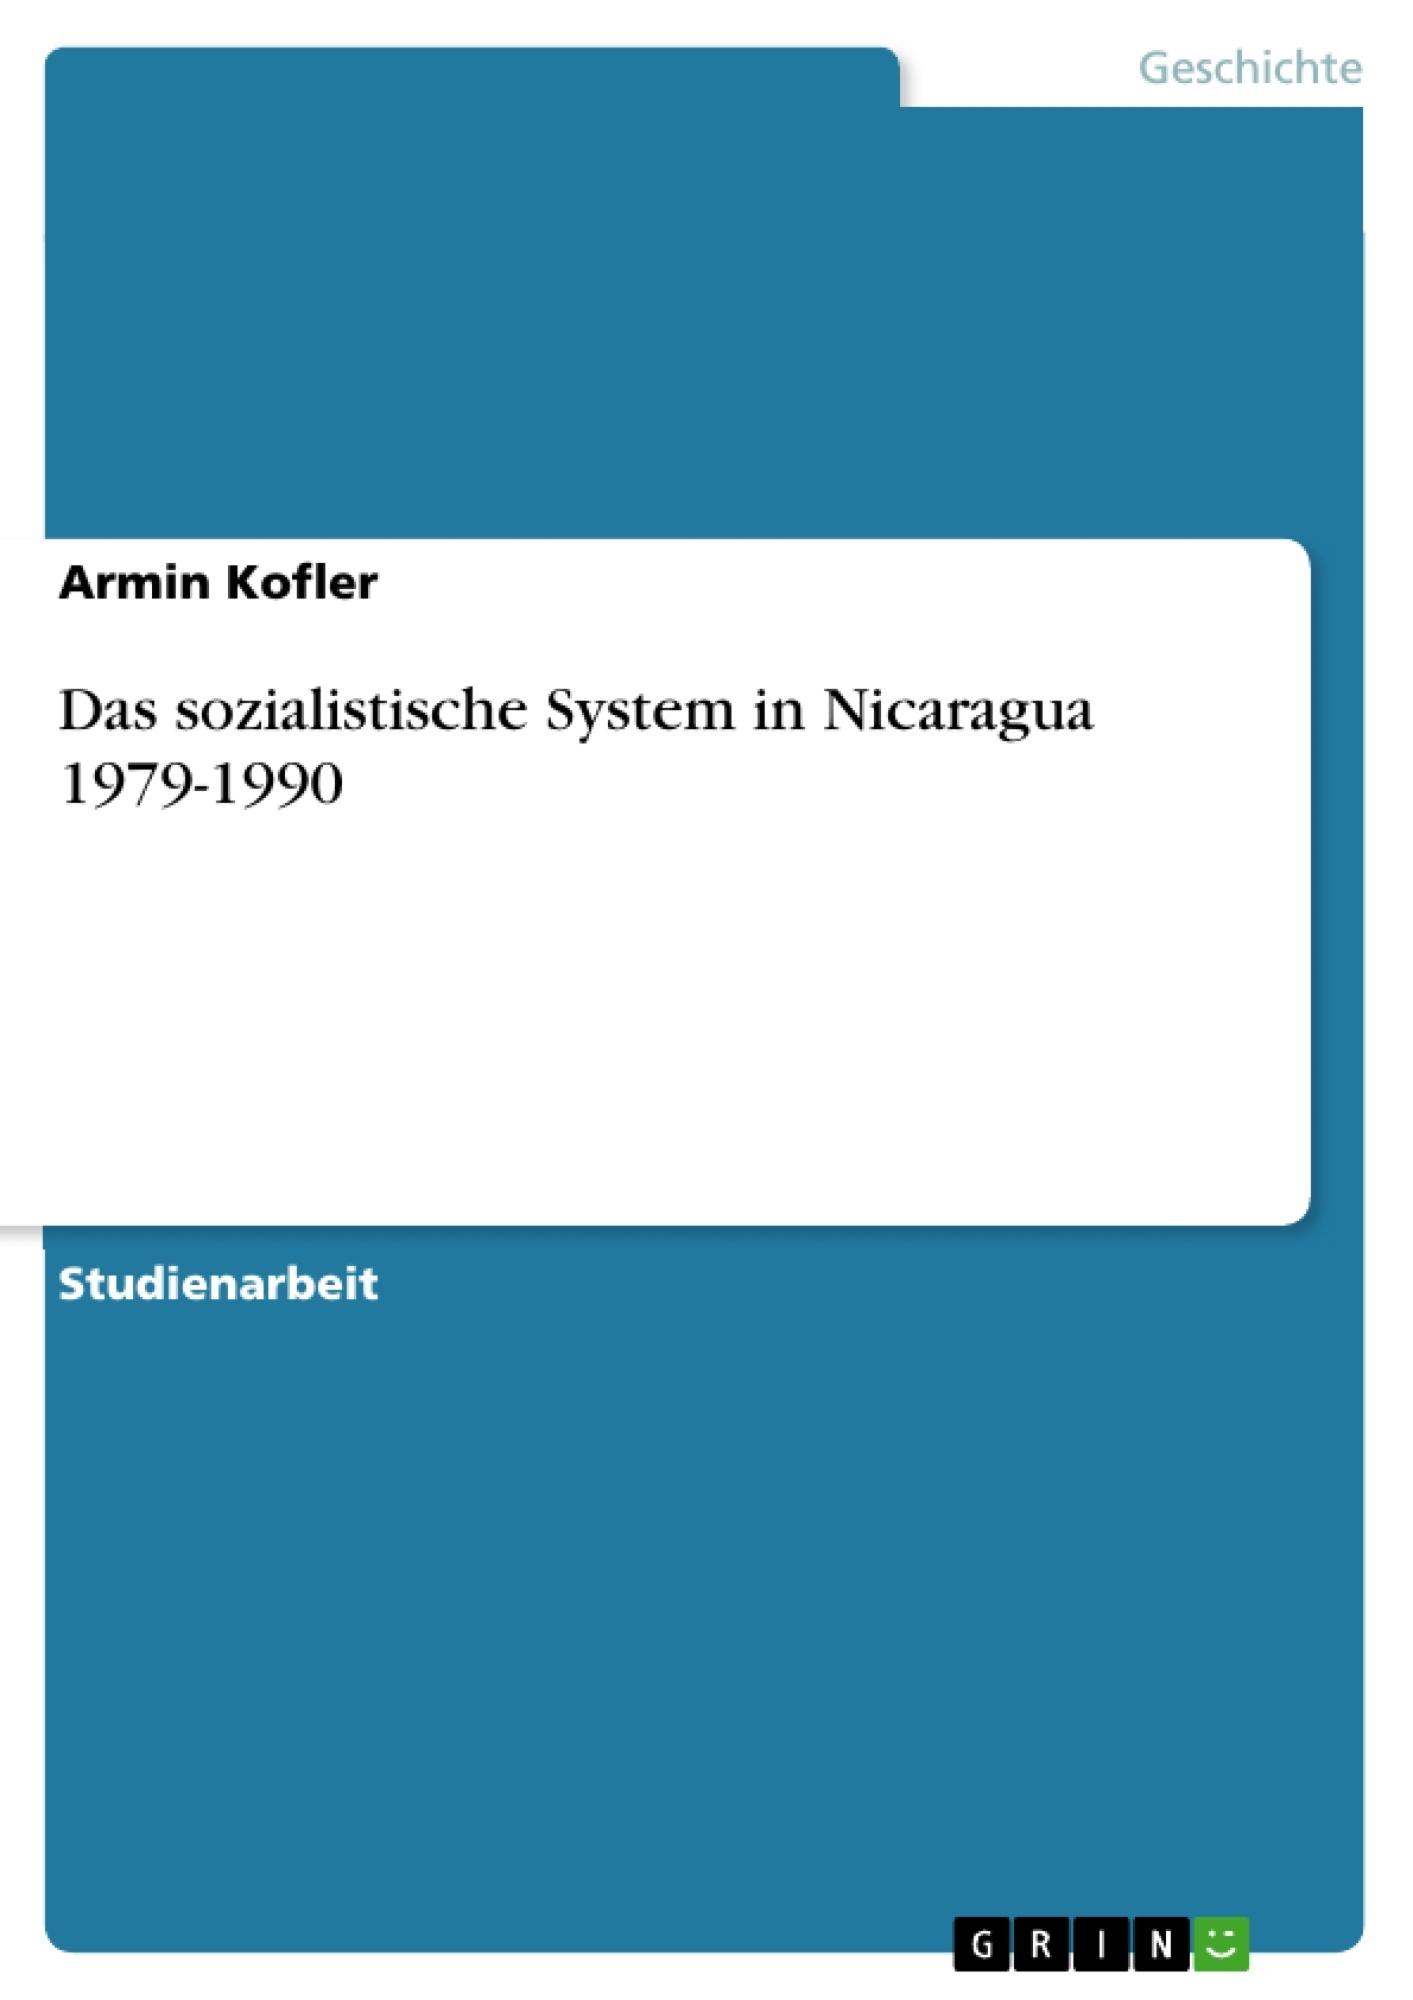 Titel: Das sozialistische System in Nicaragua 1979-1990